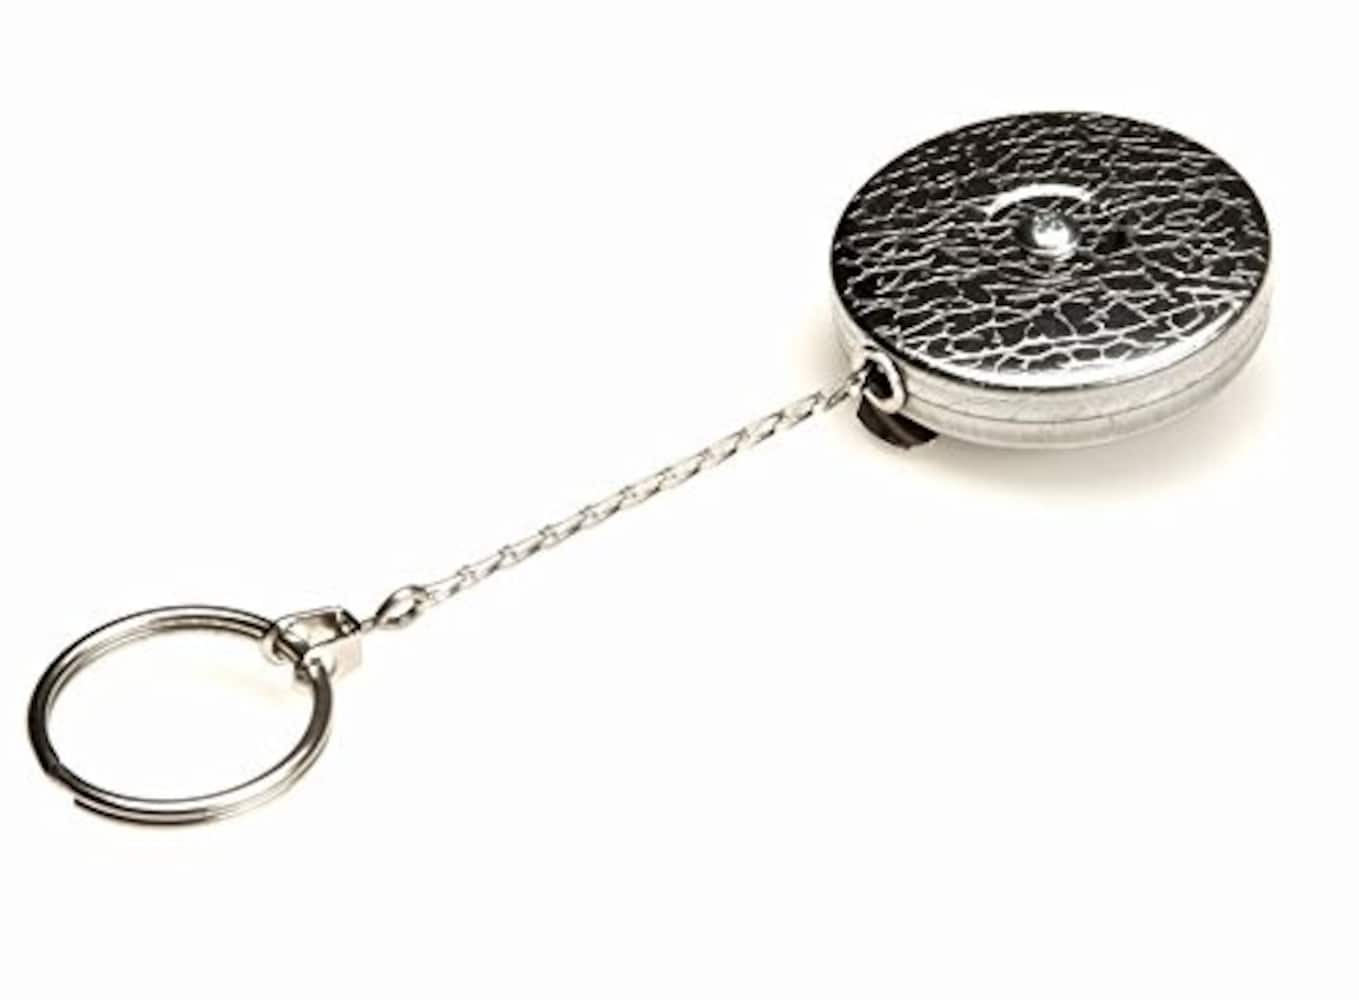 機能性 リール付き、複数の鍵をまとめられるタイプが使い勝手◎